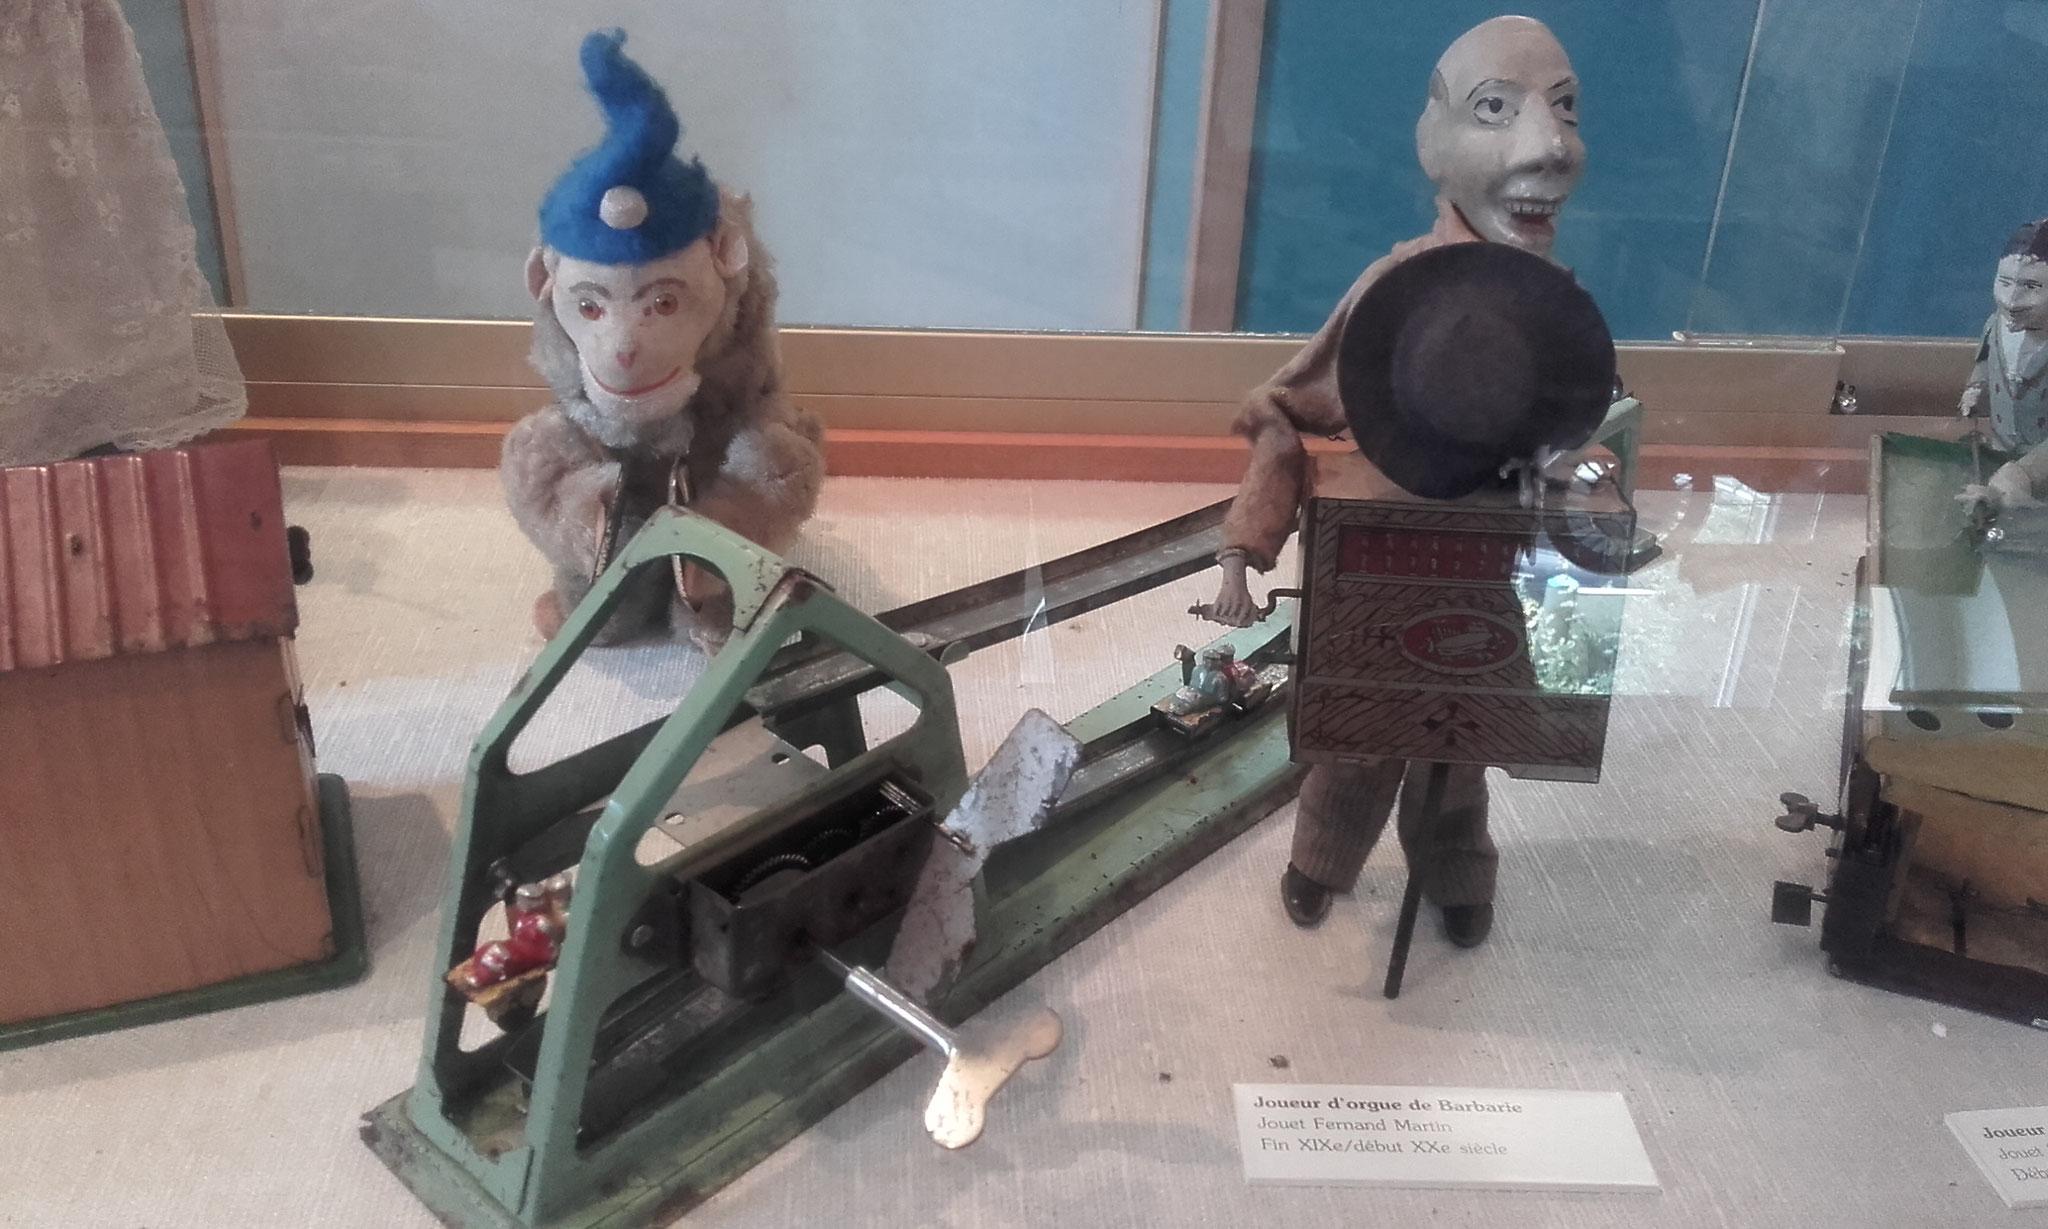 jouets d'orgue